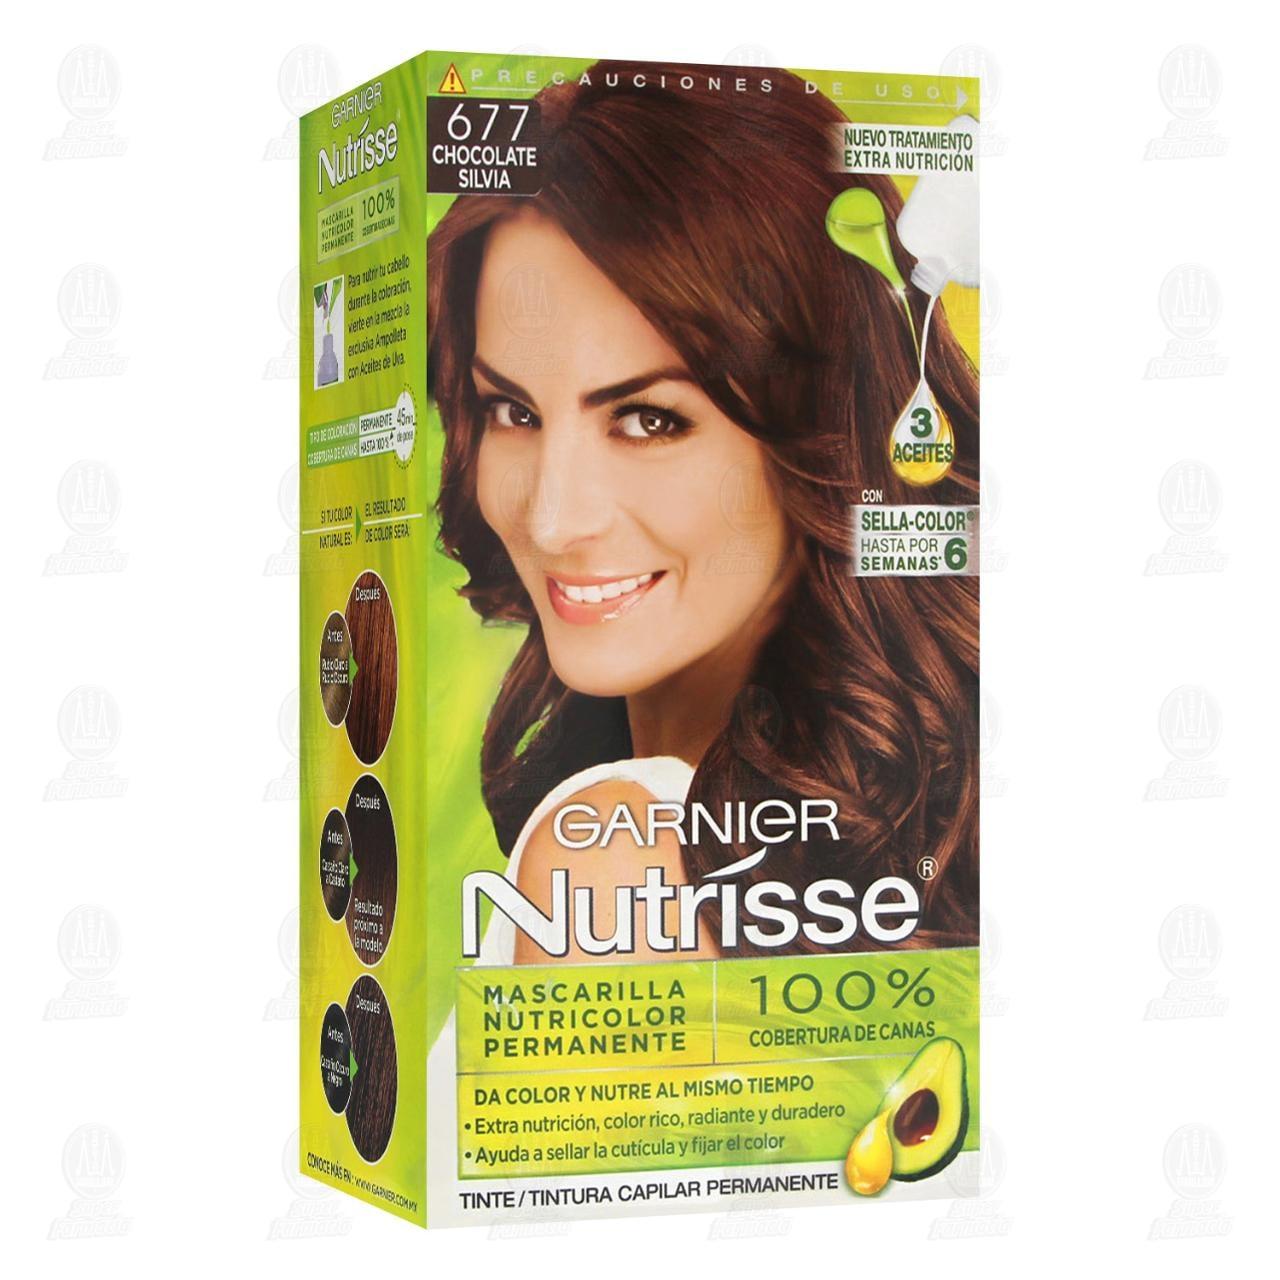 comprar https://www.movil.farmaciasguadalajara.com/wcsstore/FGCAS/wcs/products/1076914_A_1280_AL.jpg en farmacias guadalajara